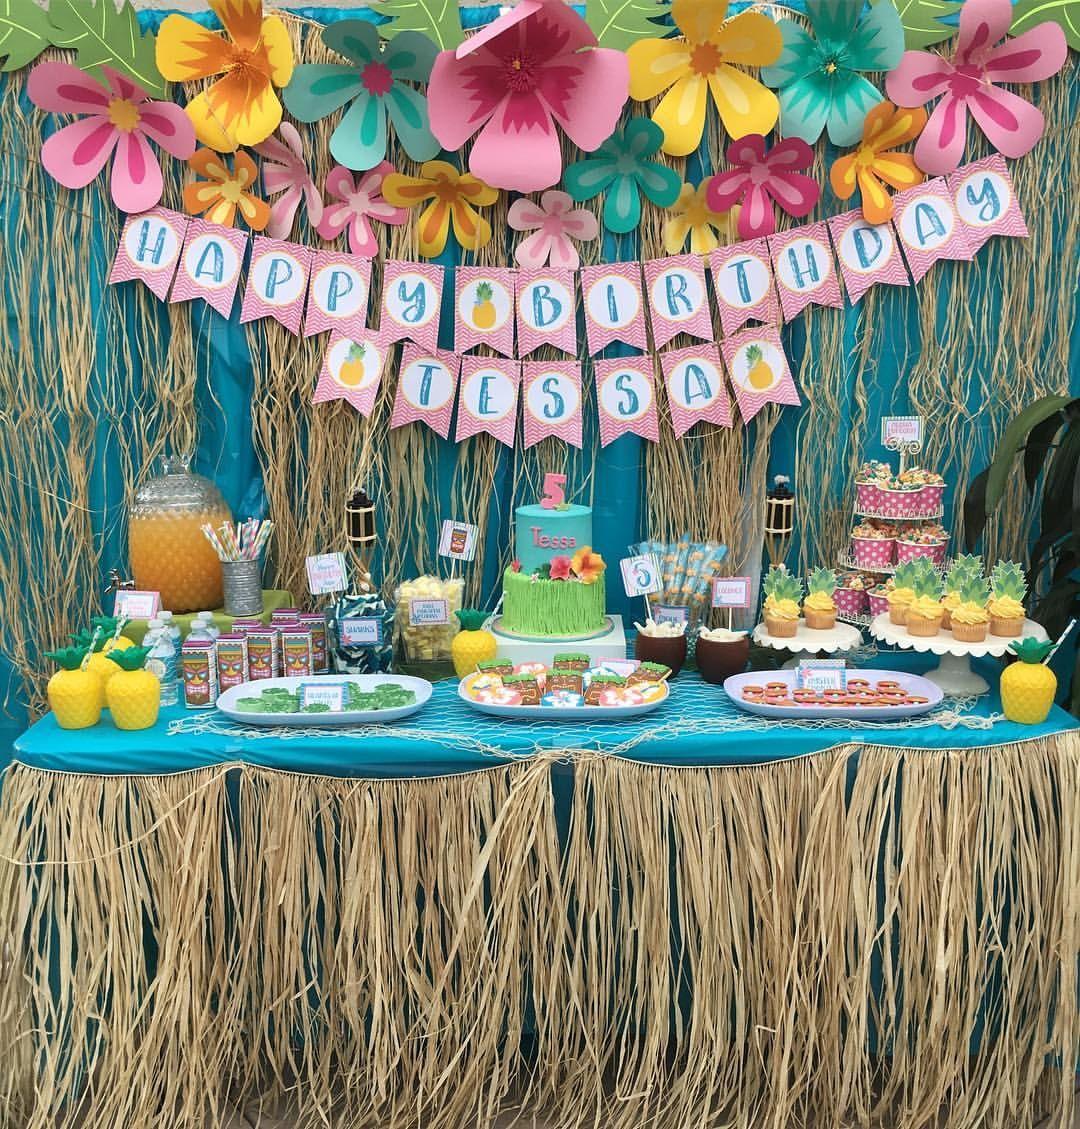 смешарики отлично поздравление в стиле гавайской вечеринки разумеется